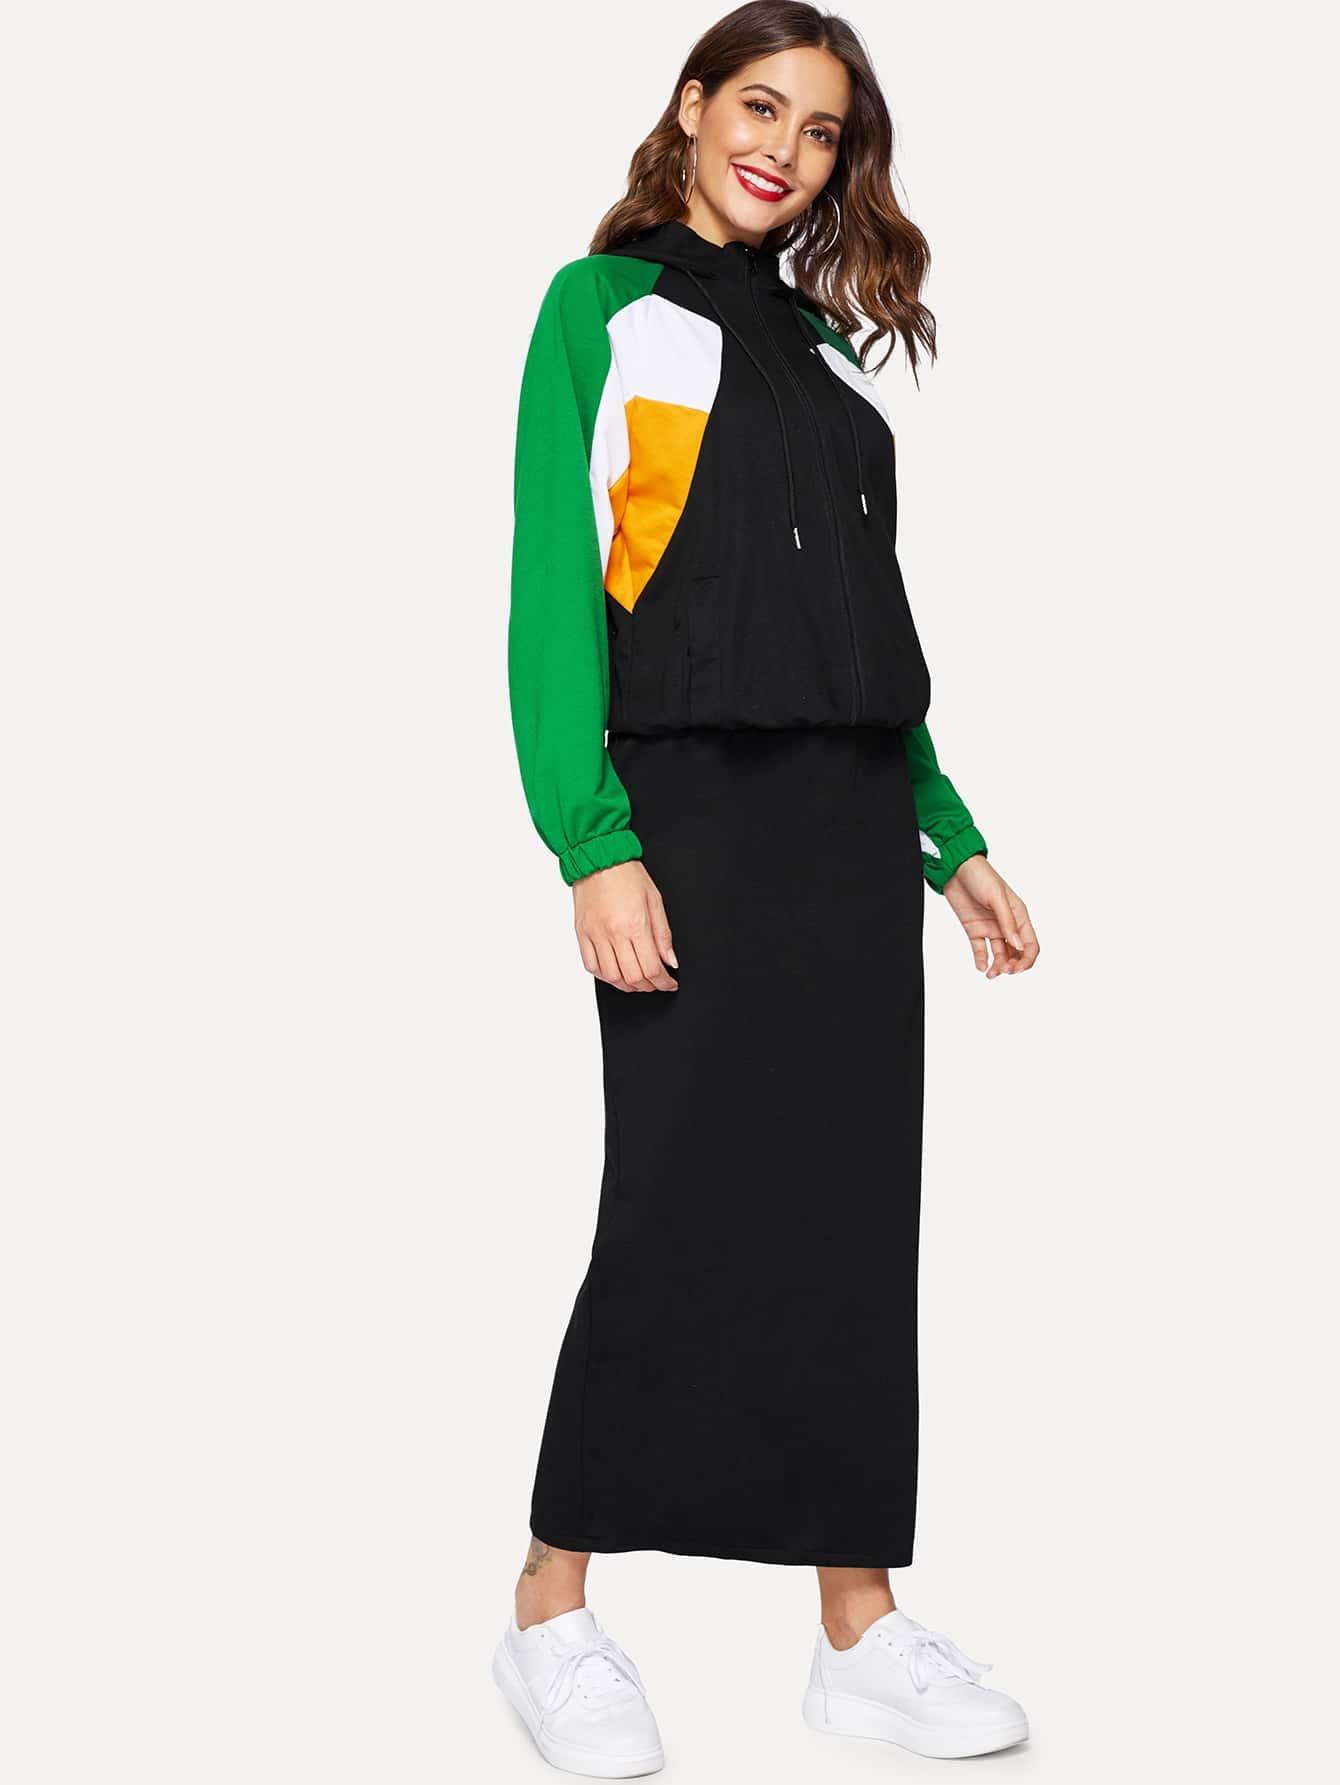 Купить Контрастная толстовка и юбка с разрезом сзади, Giulia, SheIn